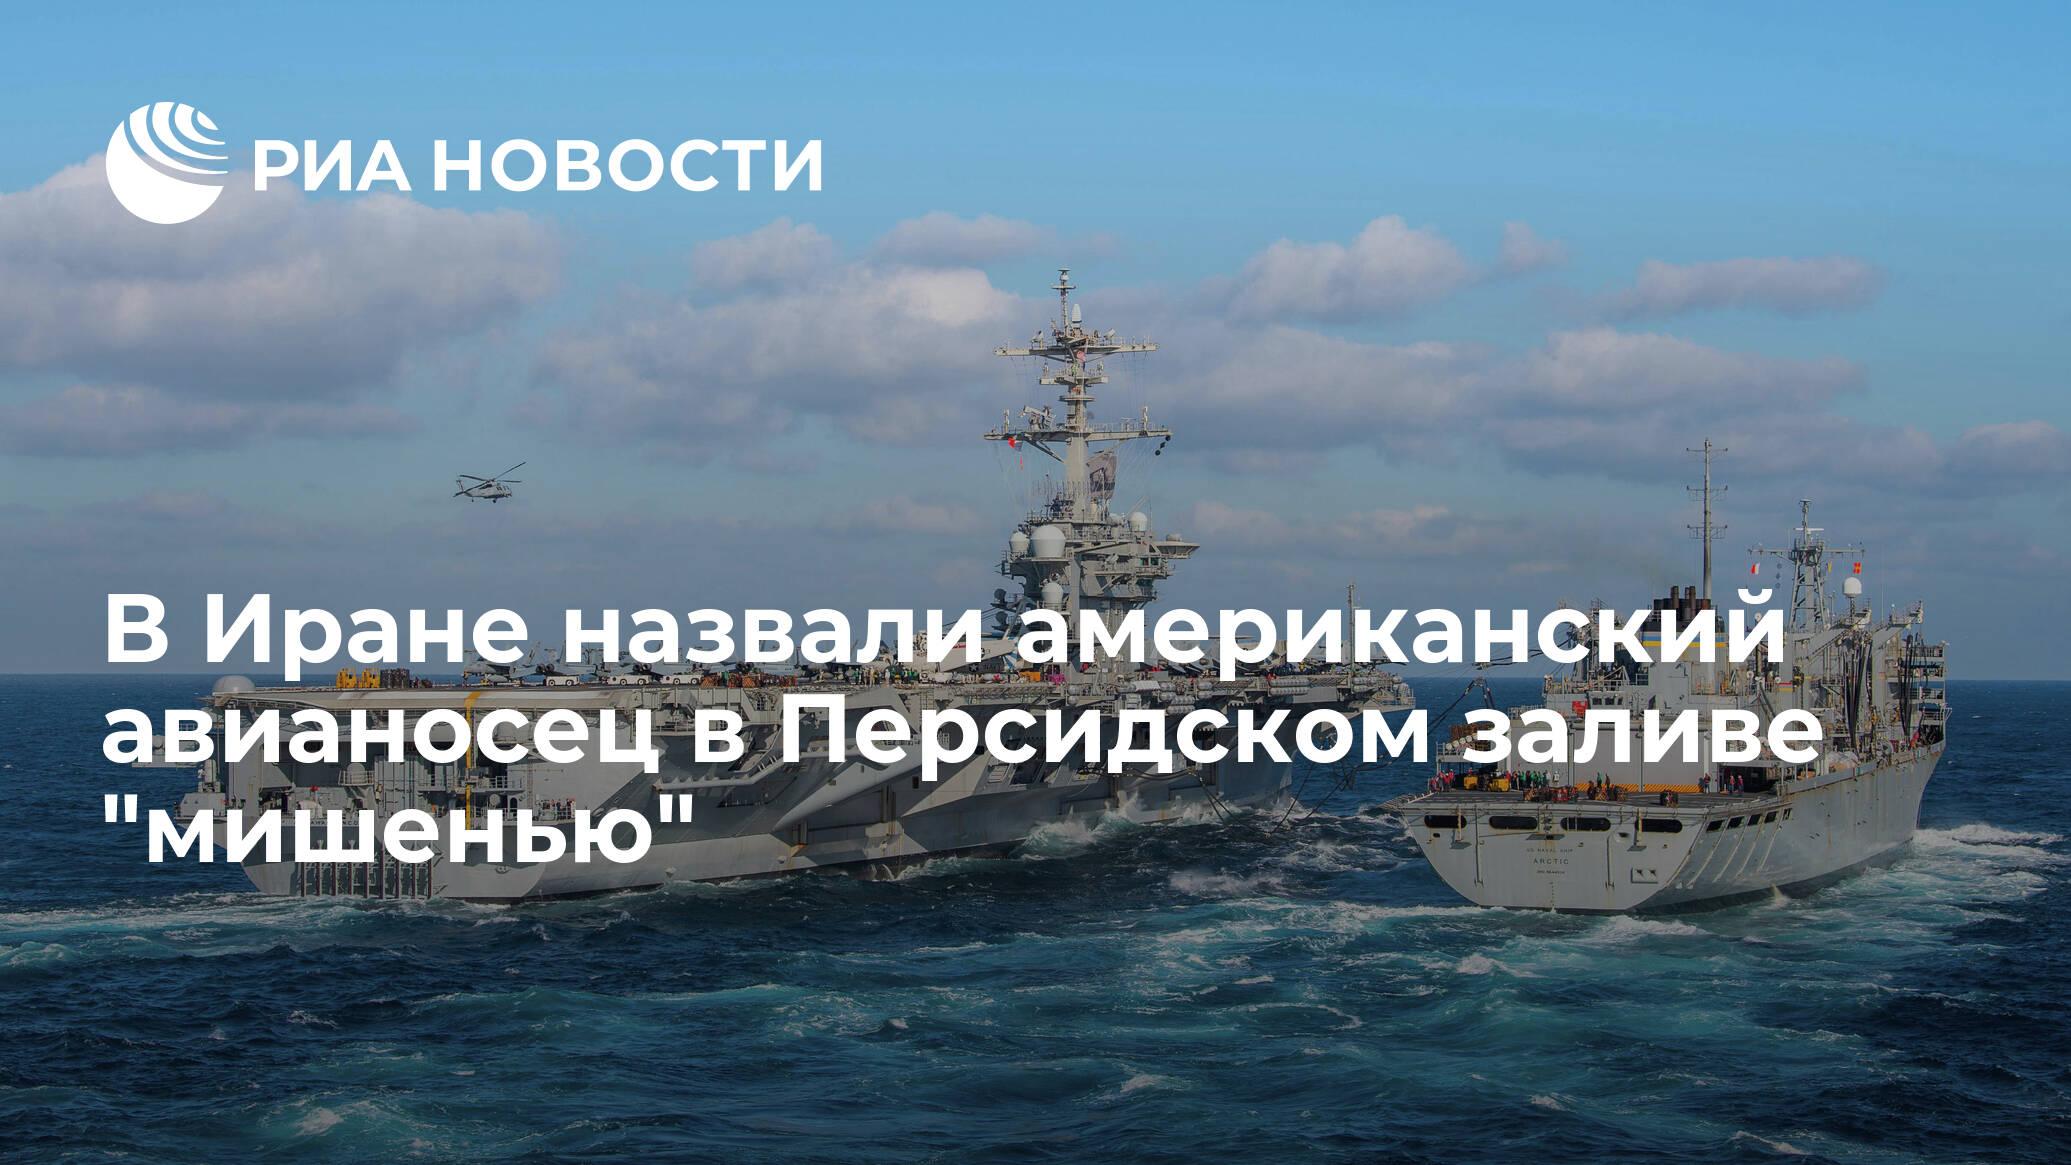 """В Иране назвали американский авианосец в Персидском заливе """"мишенью"""""""